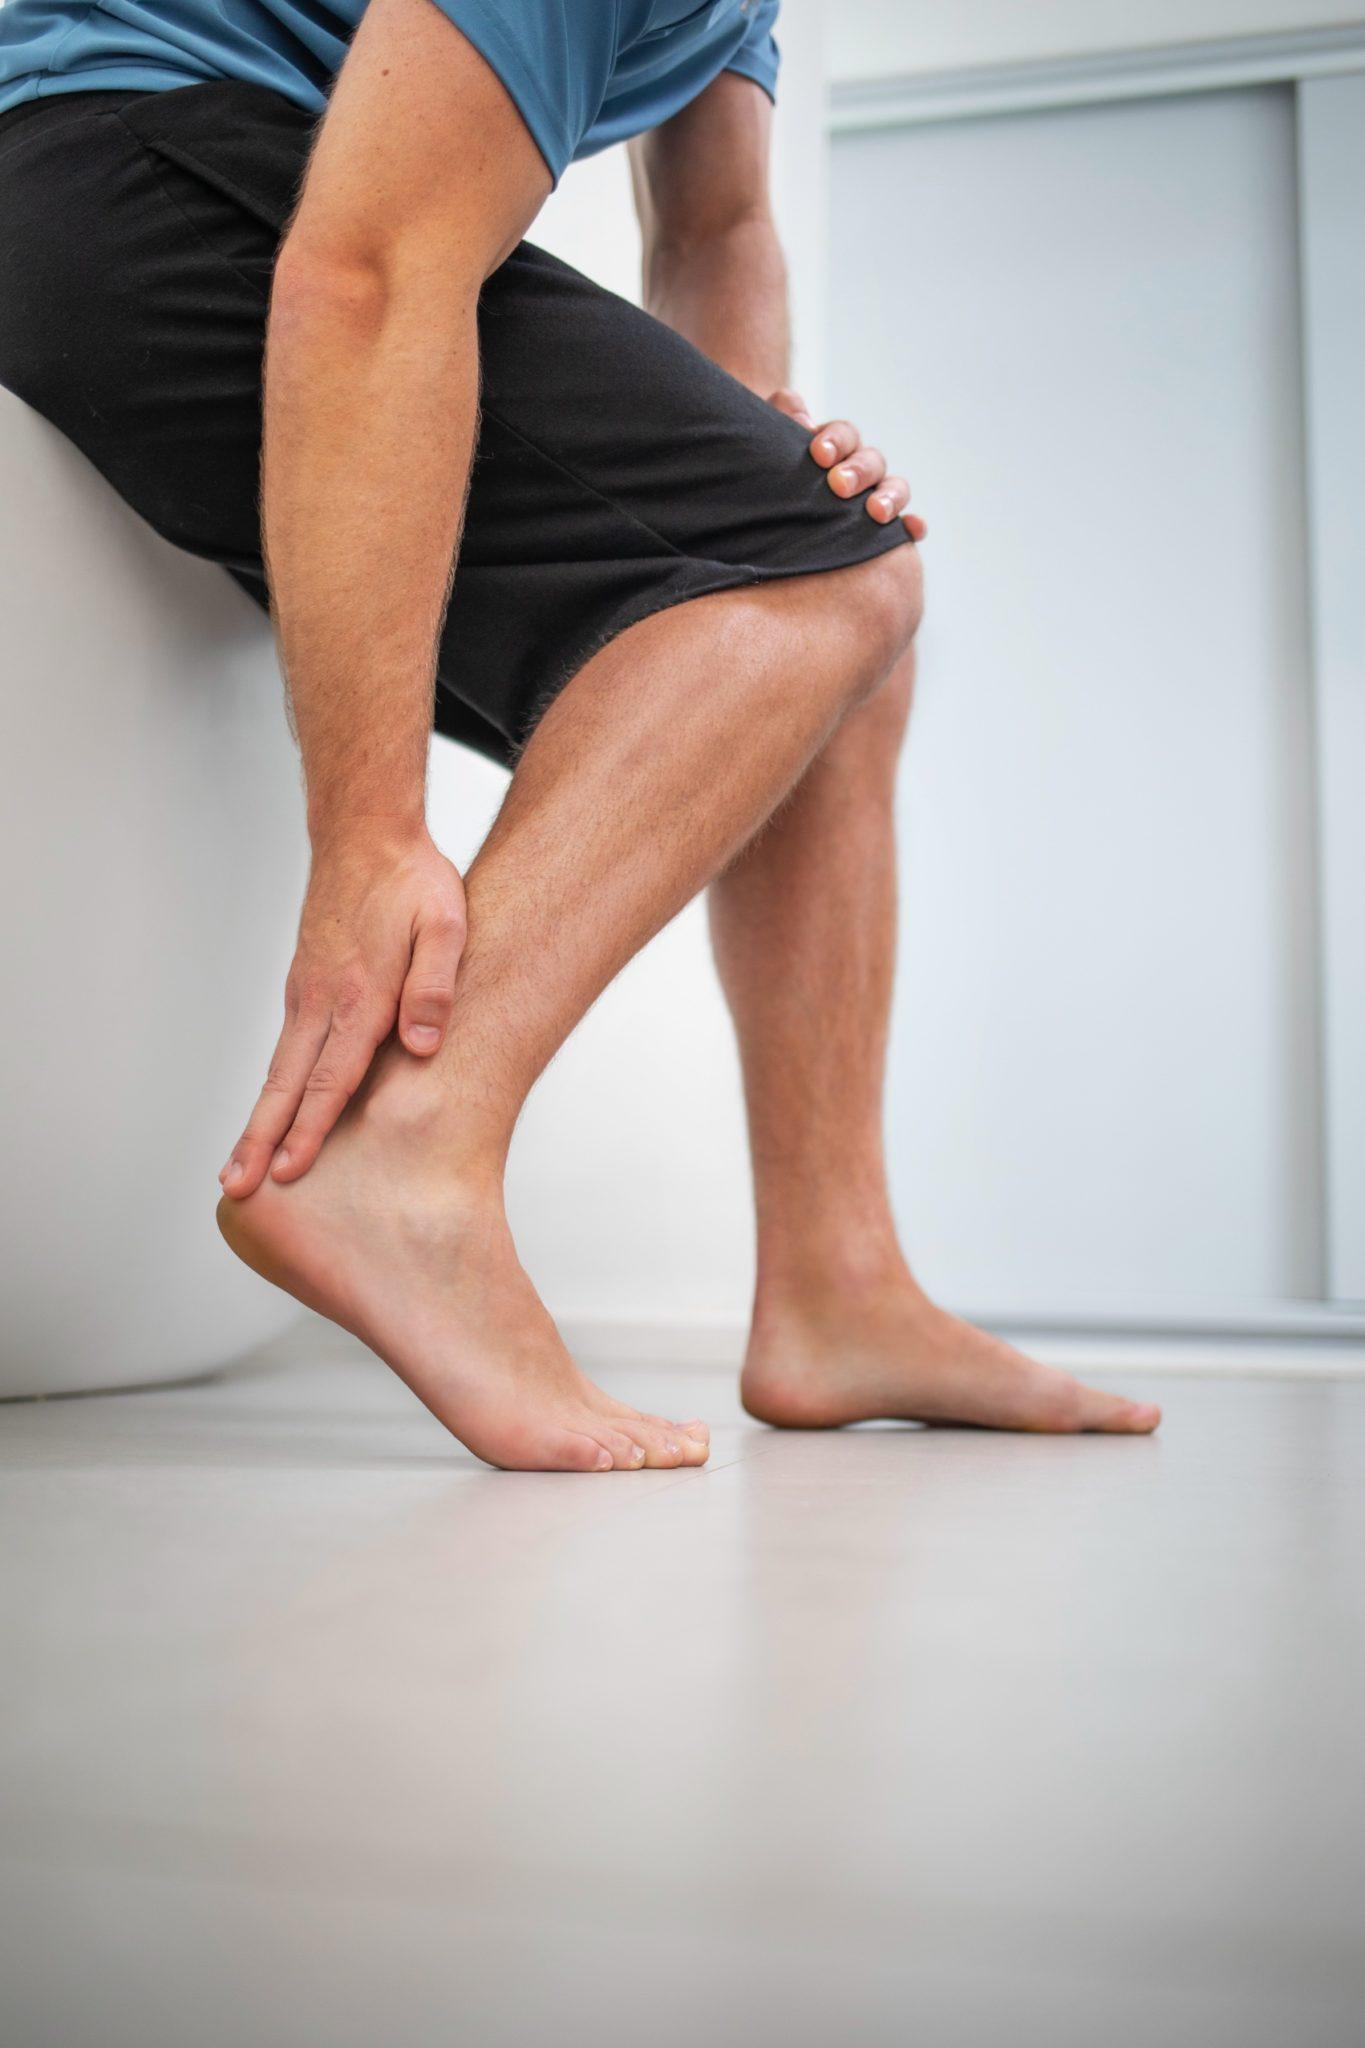 Jak radzić sobie z pęcherzami na stopach?